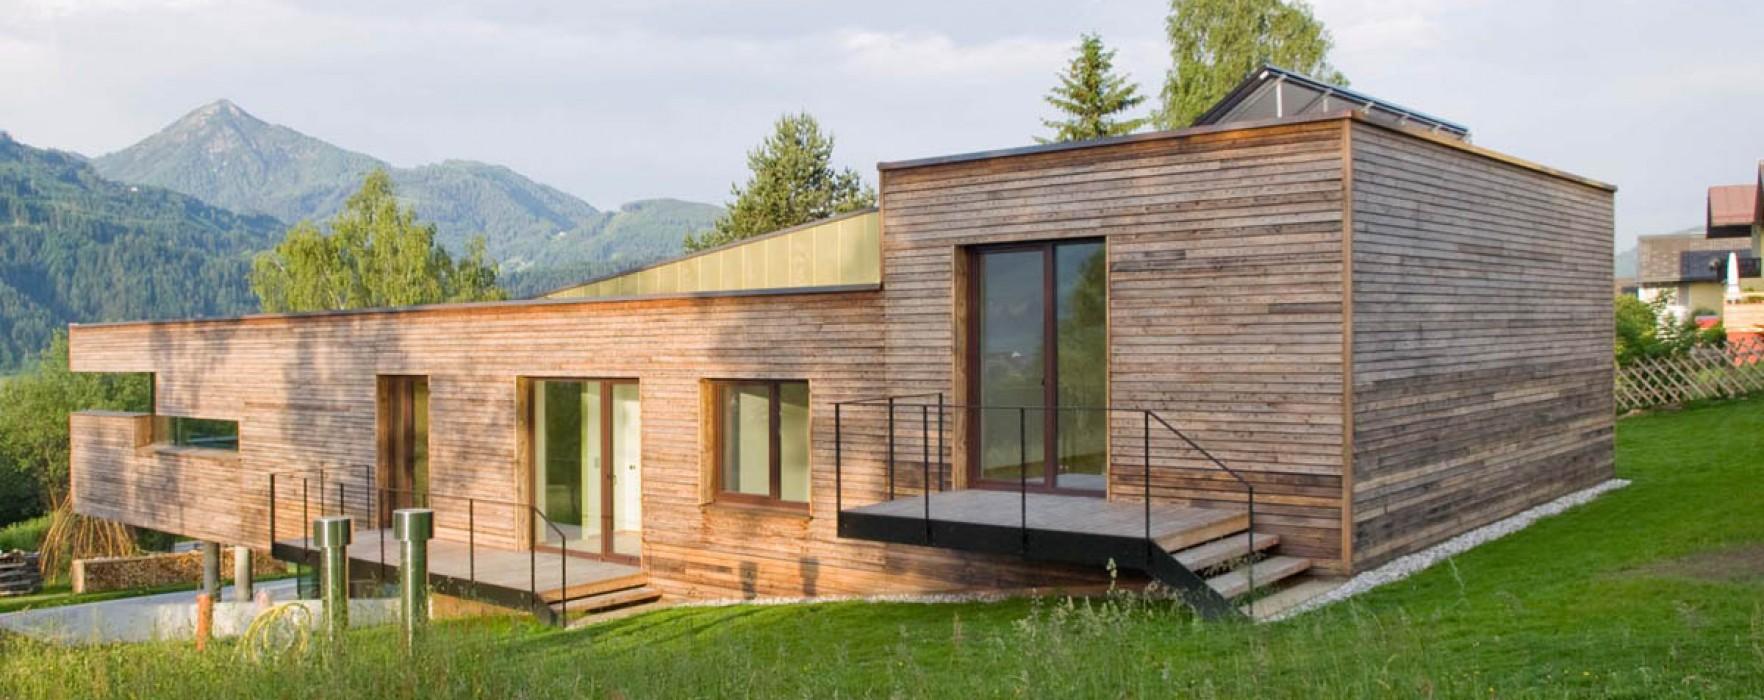 Case in legno abitabili chiavi in mano  Pannelli termoisolanti